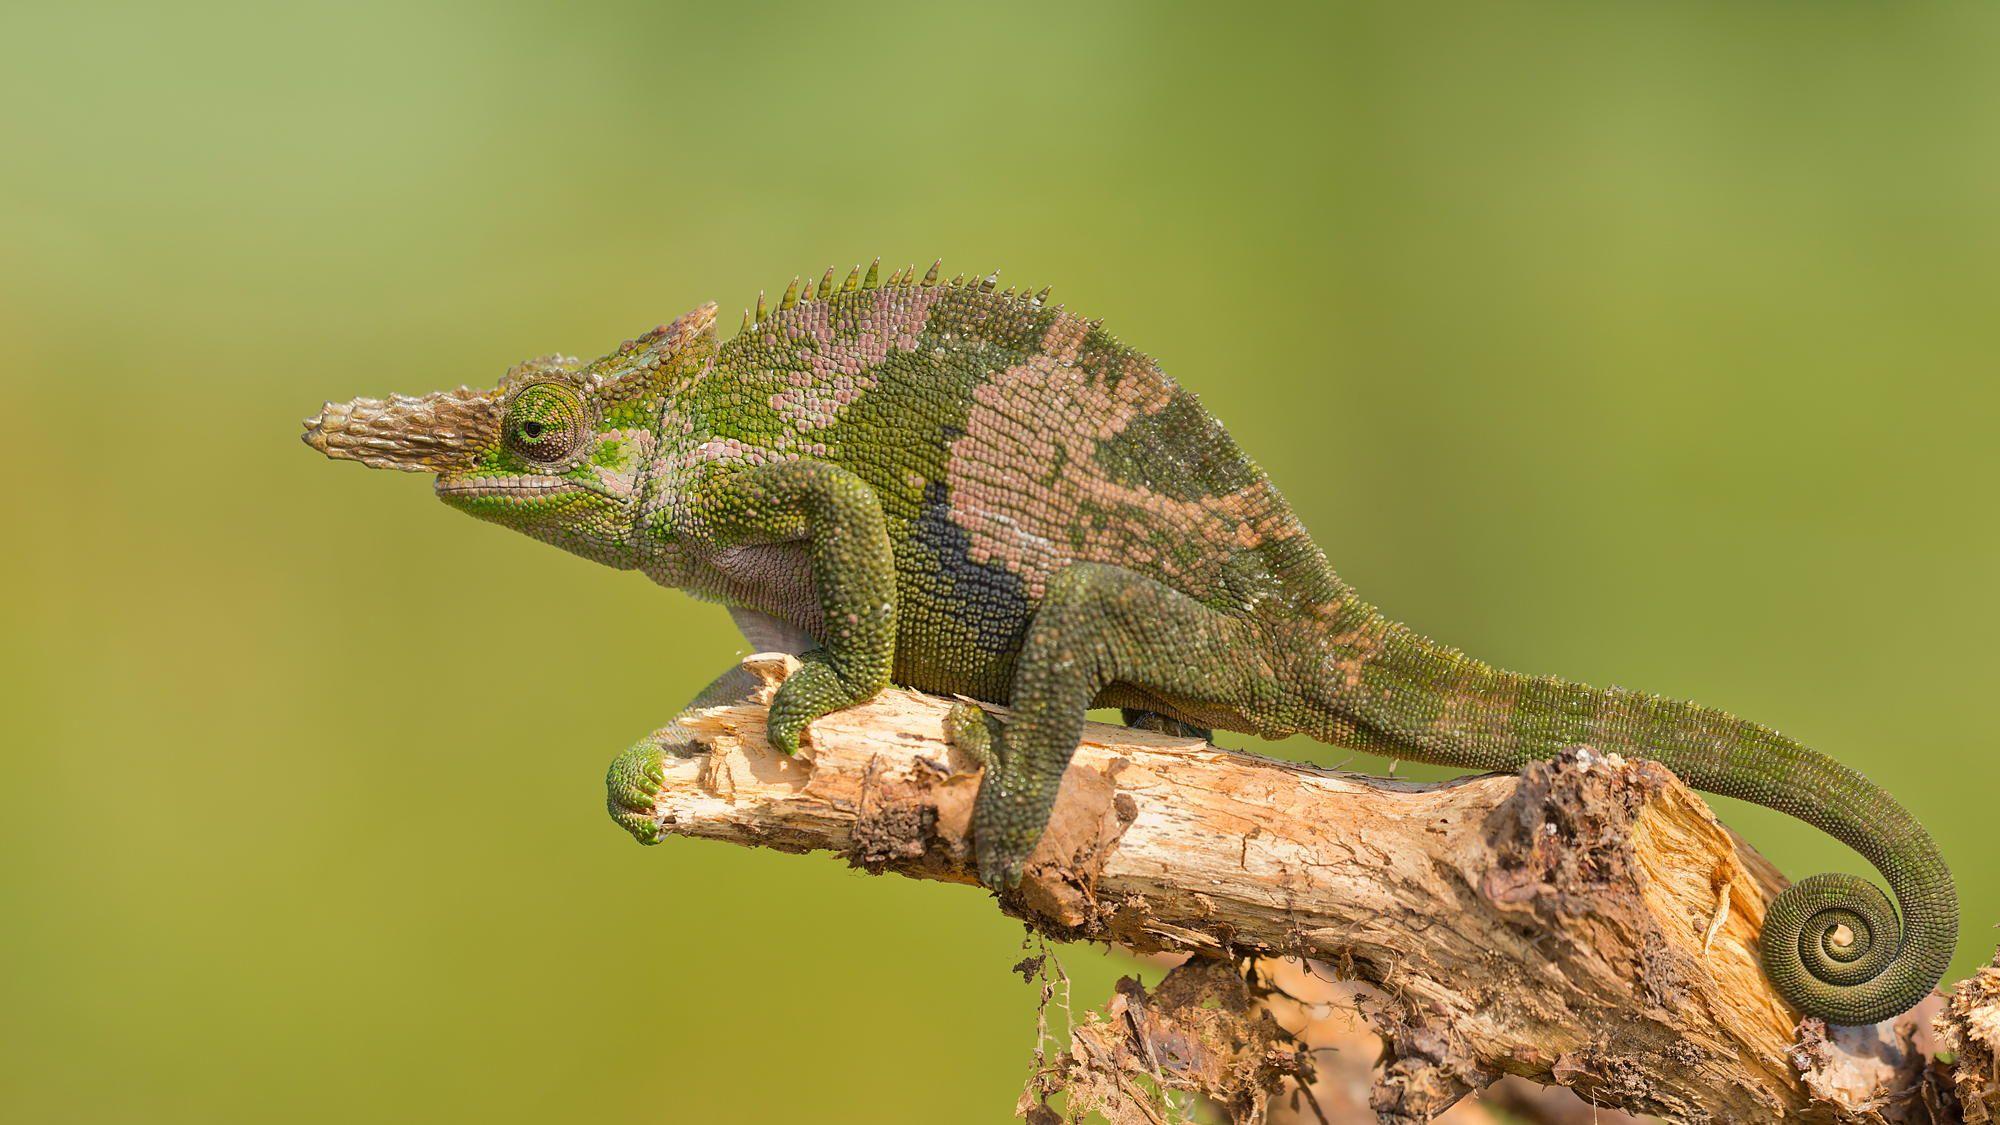 Photograph Fischer X27 S Chameleon By Milan Zygmunt On 500px